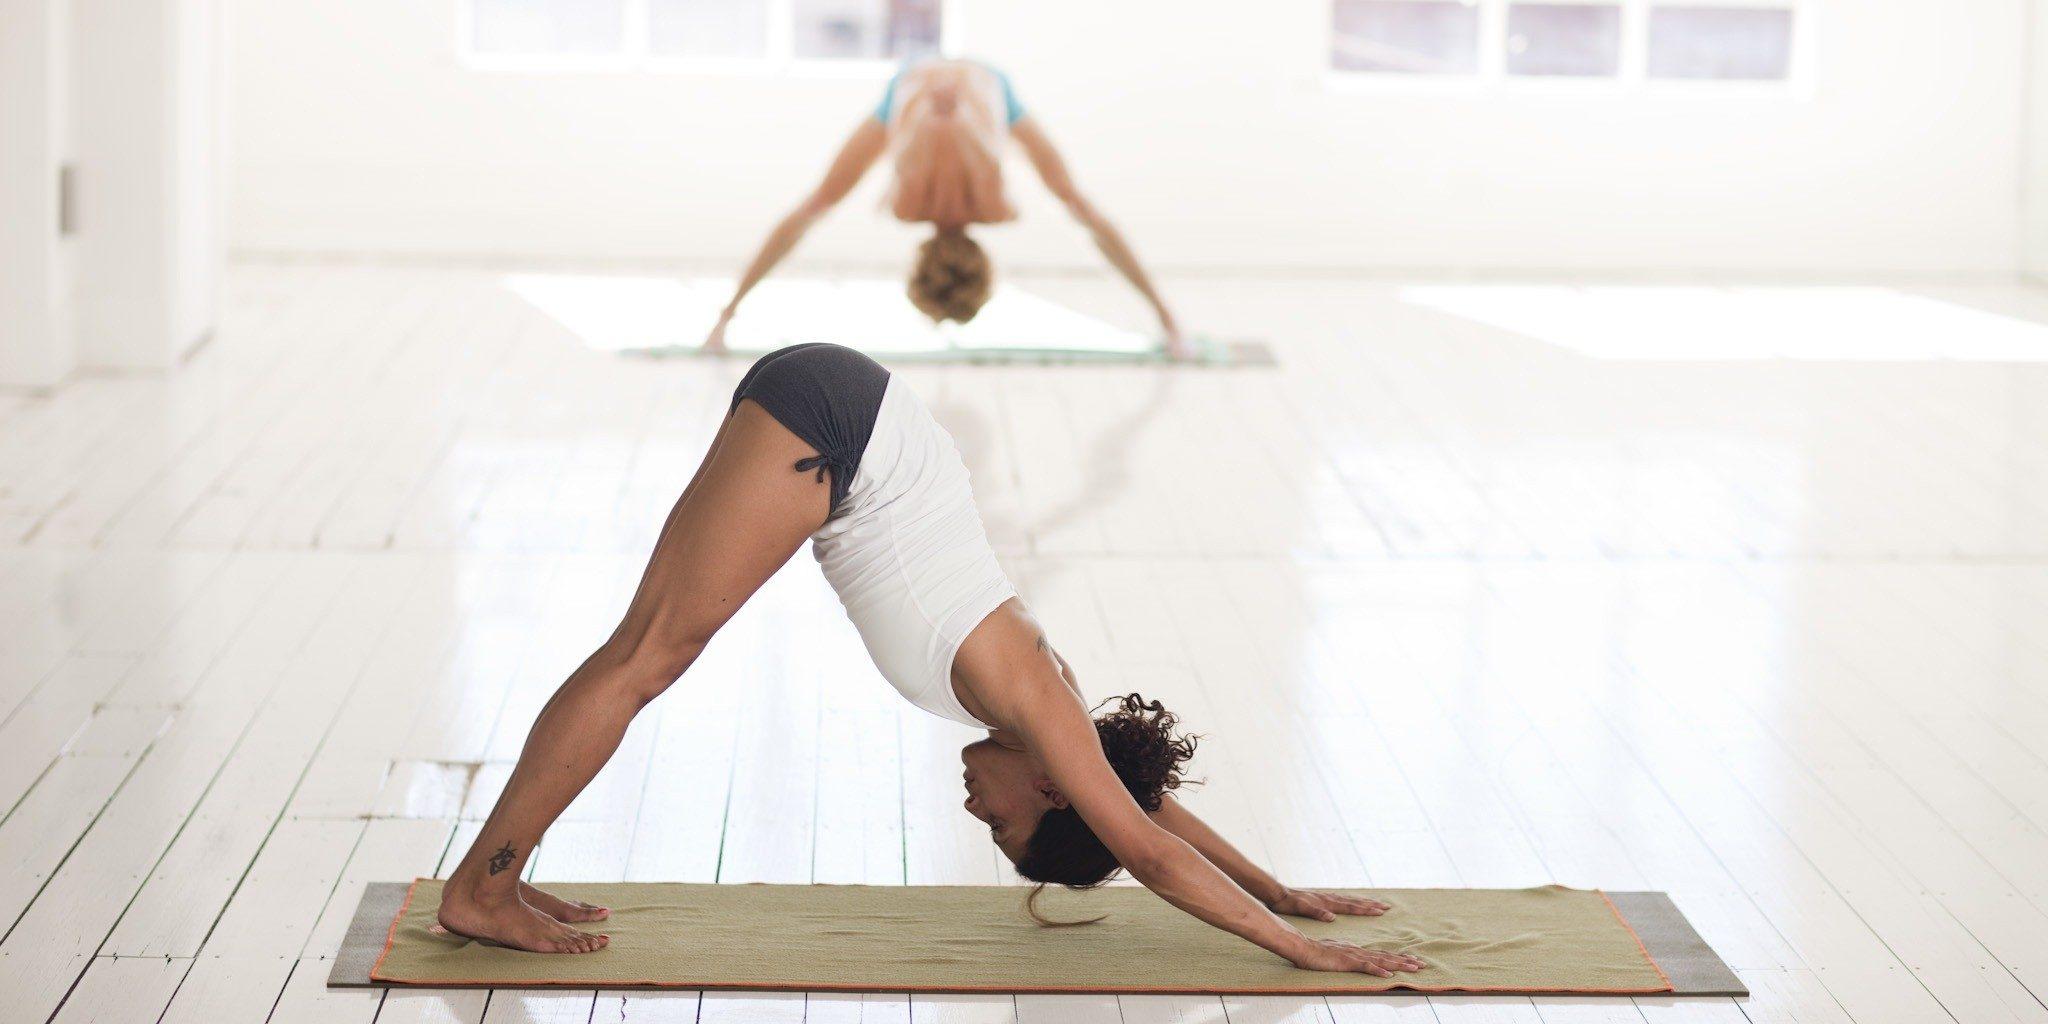 Studien Zur Wirksamkeit Von Yoga Deutsche Zeitschrift Für Sportmedizin